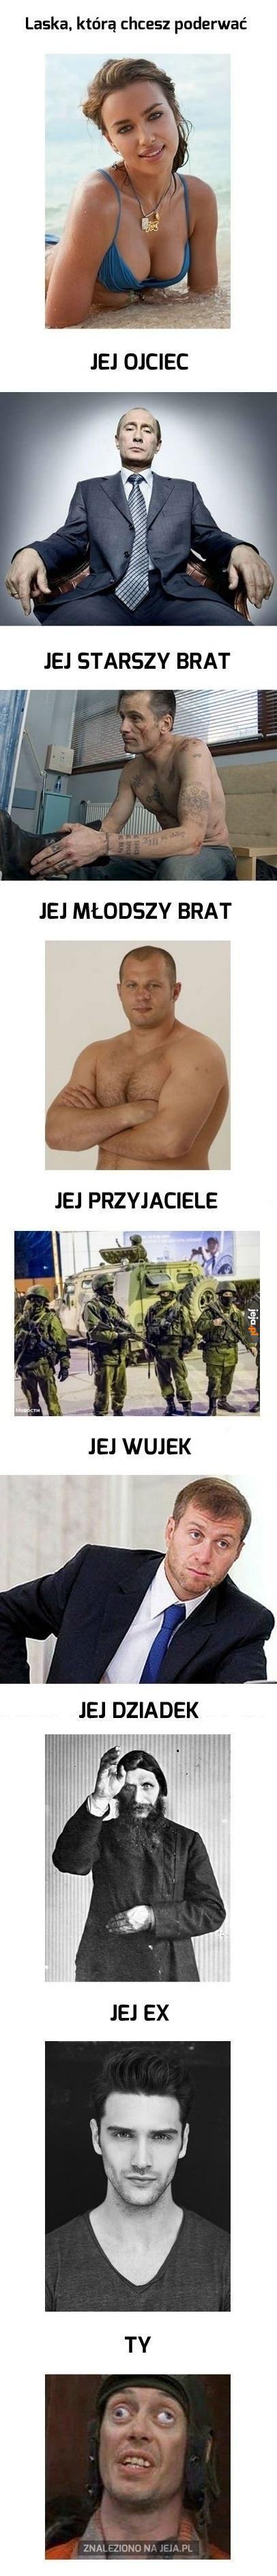 Randki z Rosjankami takie są